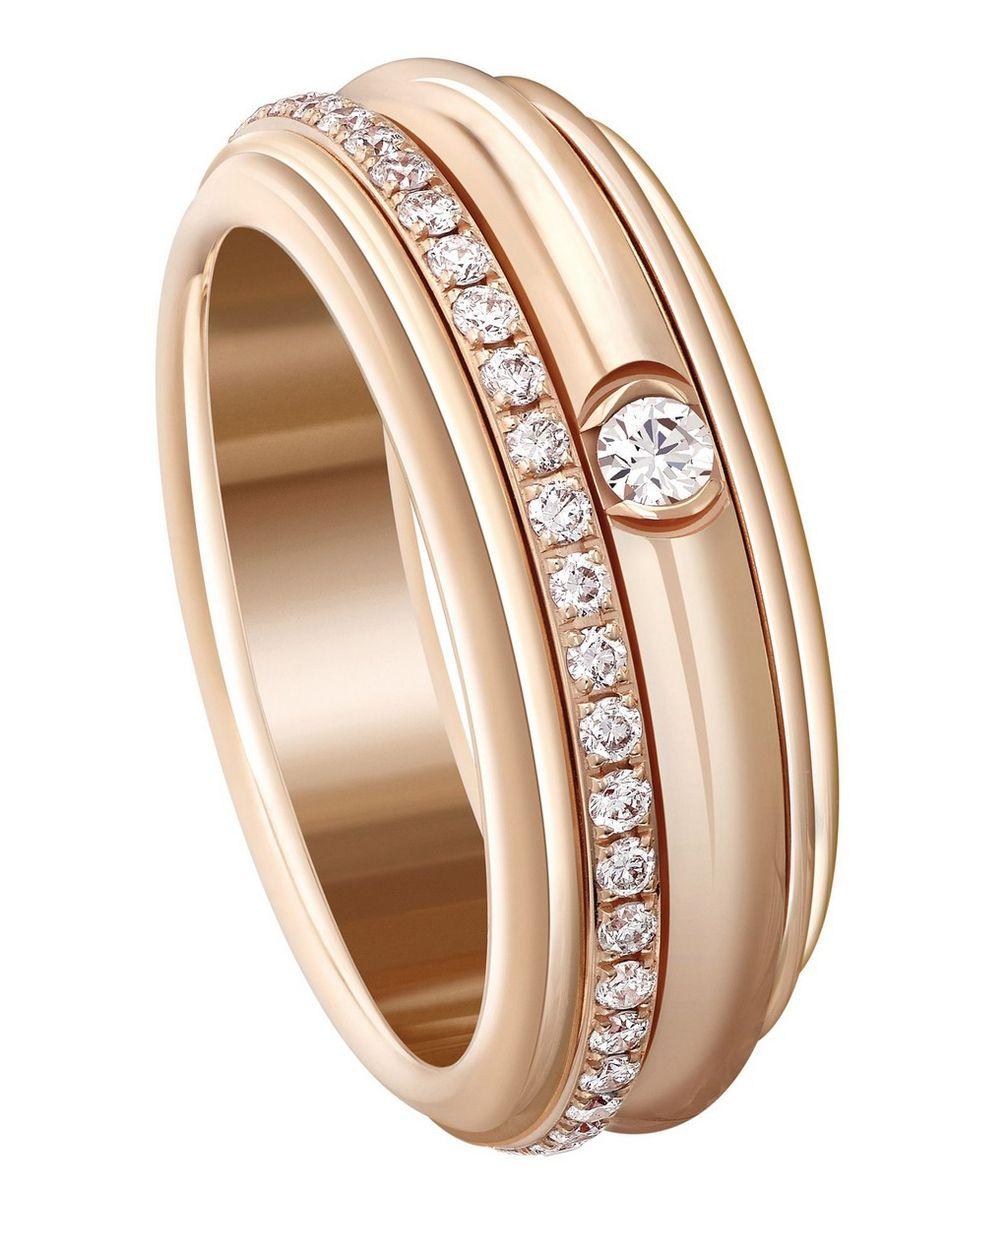 Кольцо Possession от Piaget из розового золота с бриллиантами